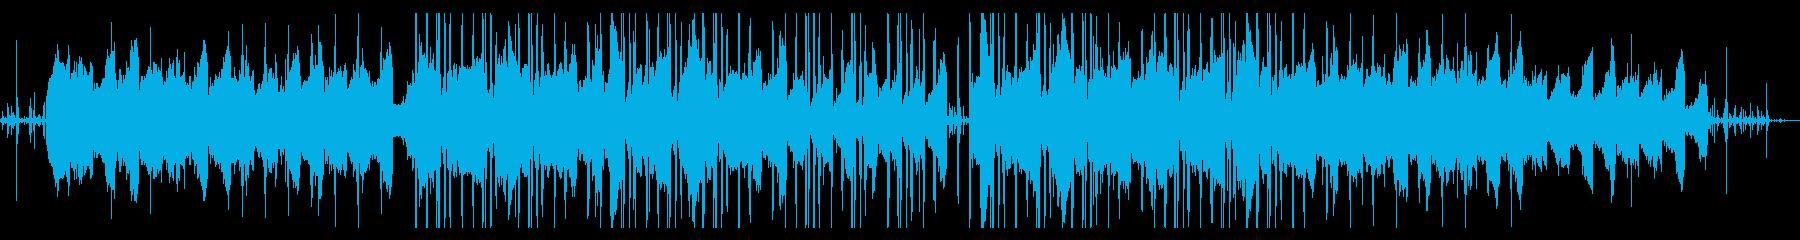 企業VP いやし・チル 138の再生済みの波形